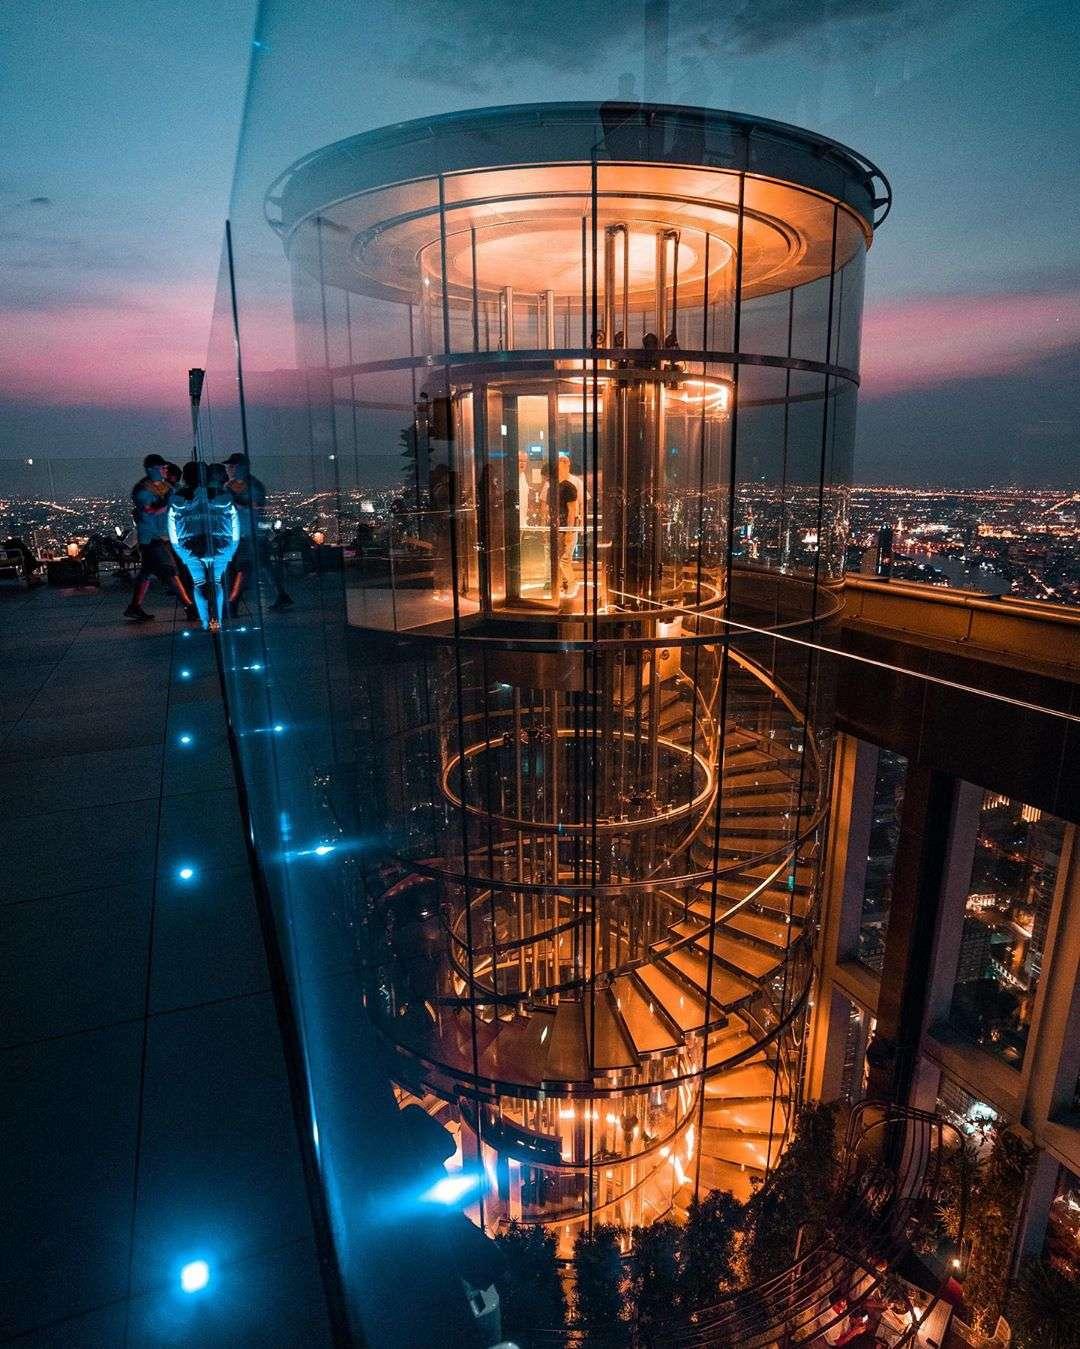 Het glazen cilinder trappenhuis van de King Power MahaNakhon in Bangkok, Thailand